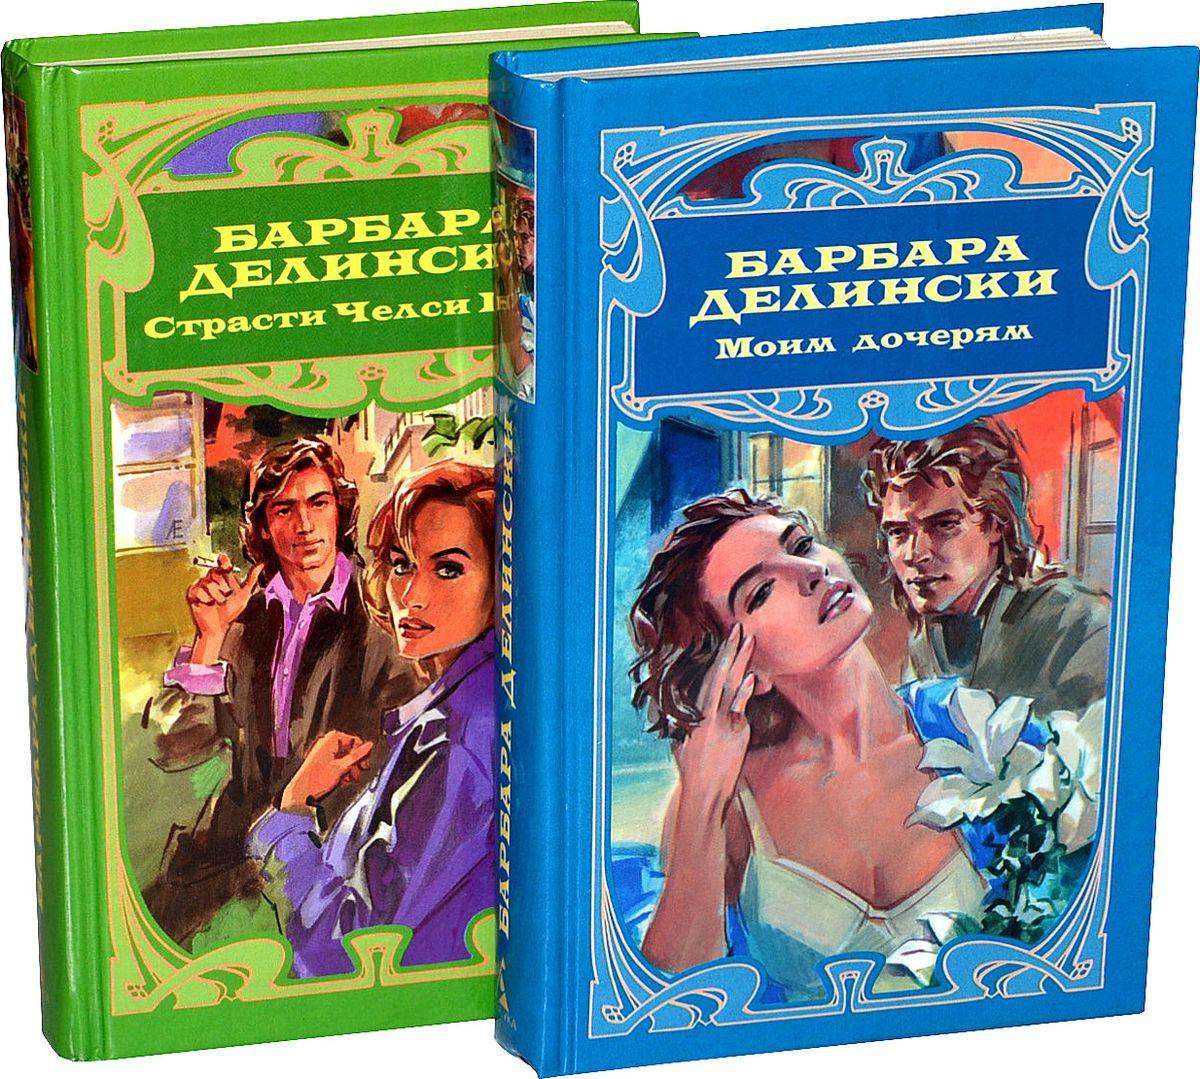 Делински Б. Серия Барбара Делински (комплект из 2 книг) василиада комплект из 2 книг